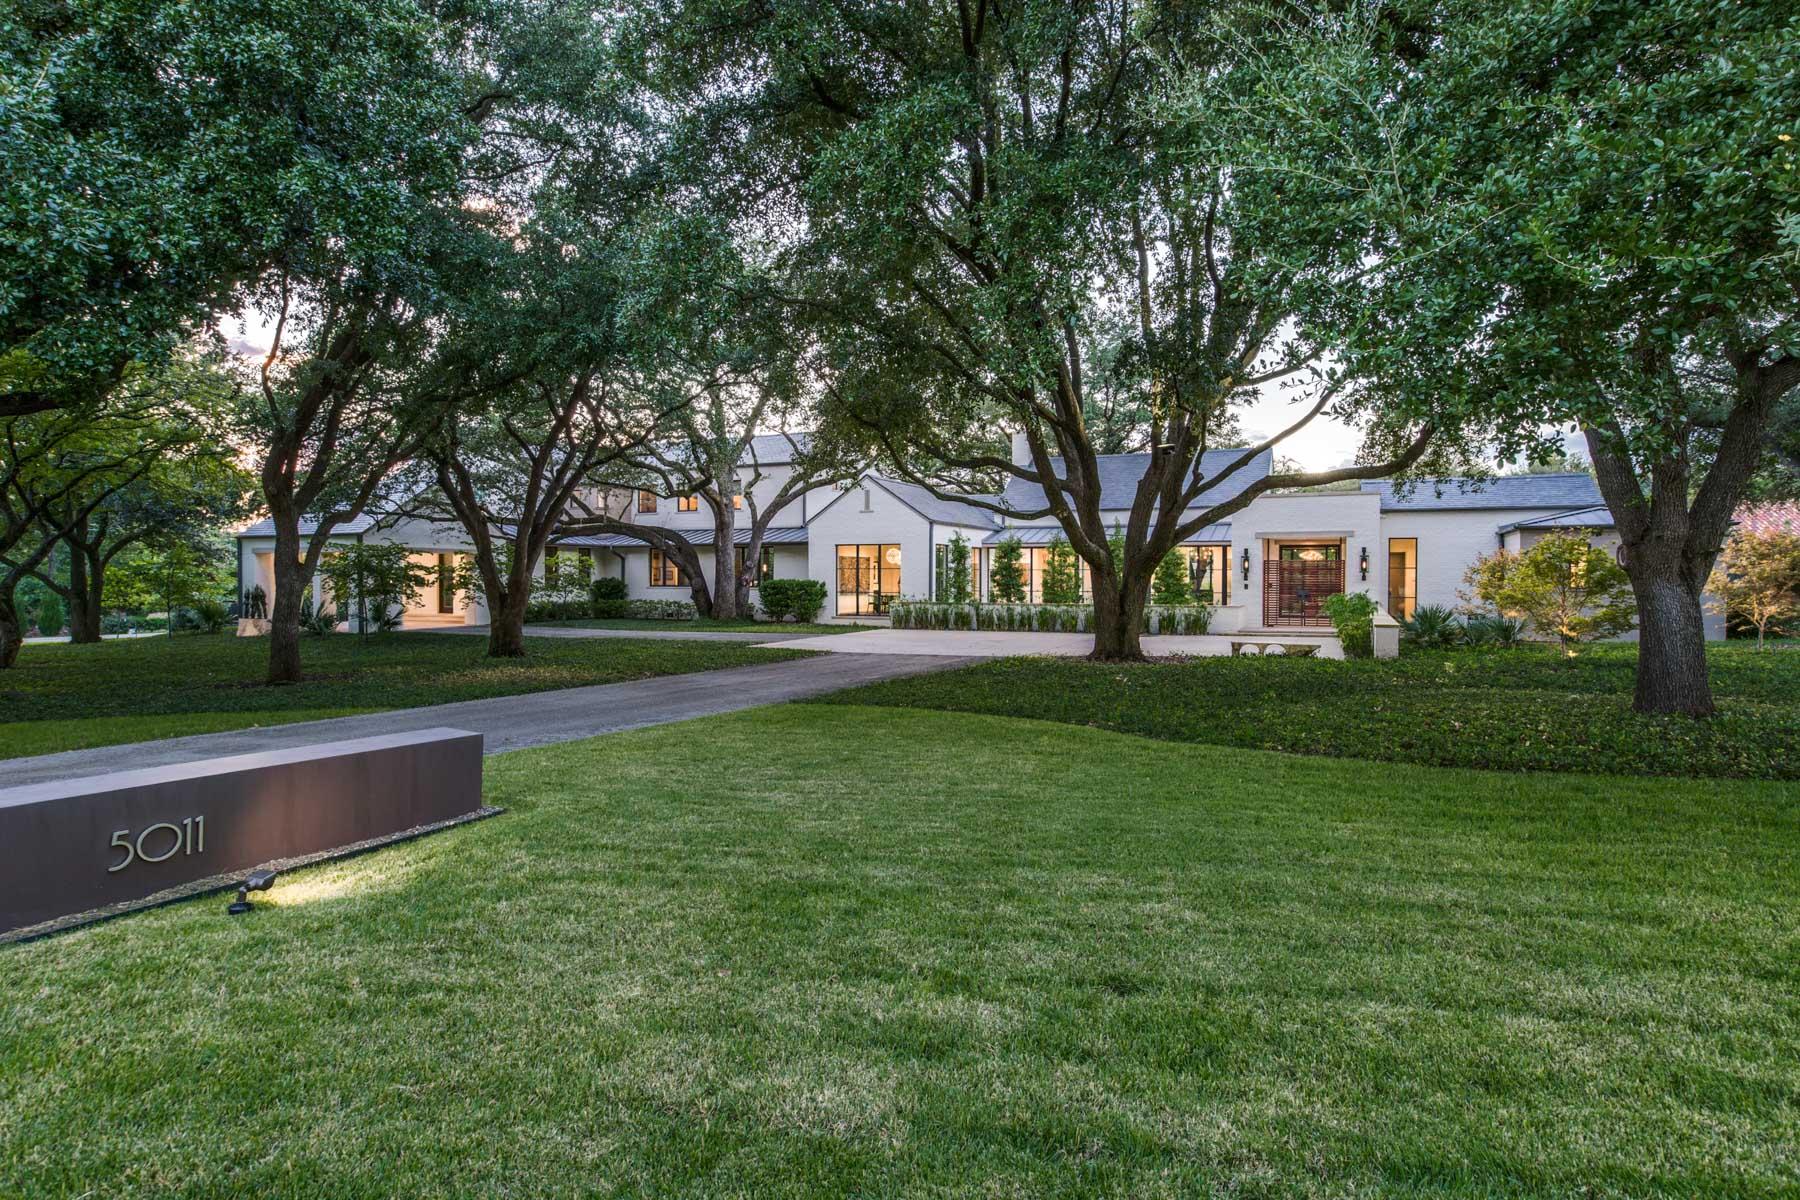 Casa Unifamiliar por un Venta en 5011 Shadywood Lane, Dallas 5011 Shadywood Ln Dallas, Texas 75209 Estados Unidos